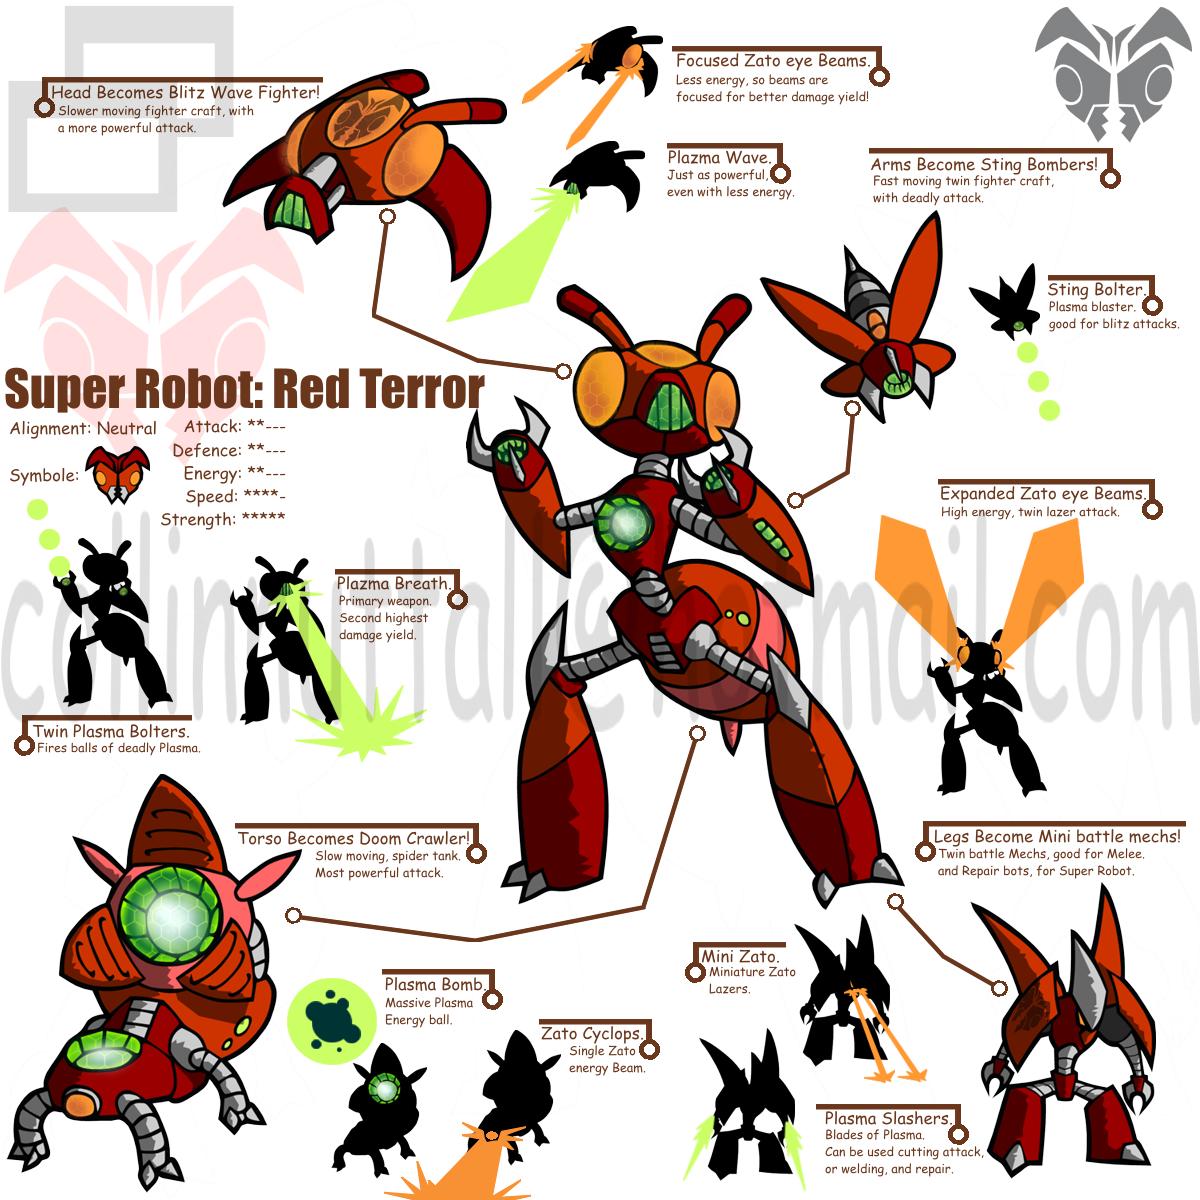 Red Terror by Slushy-man